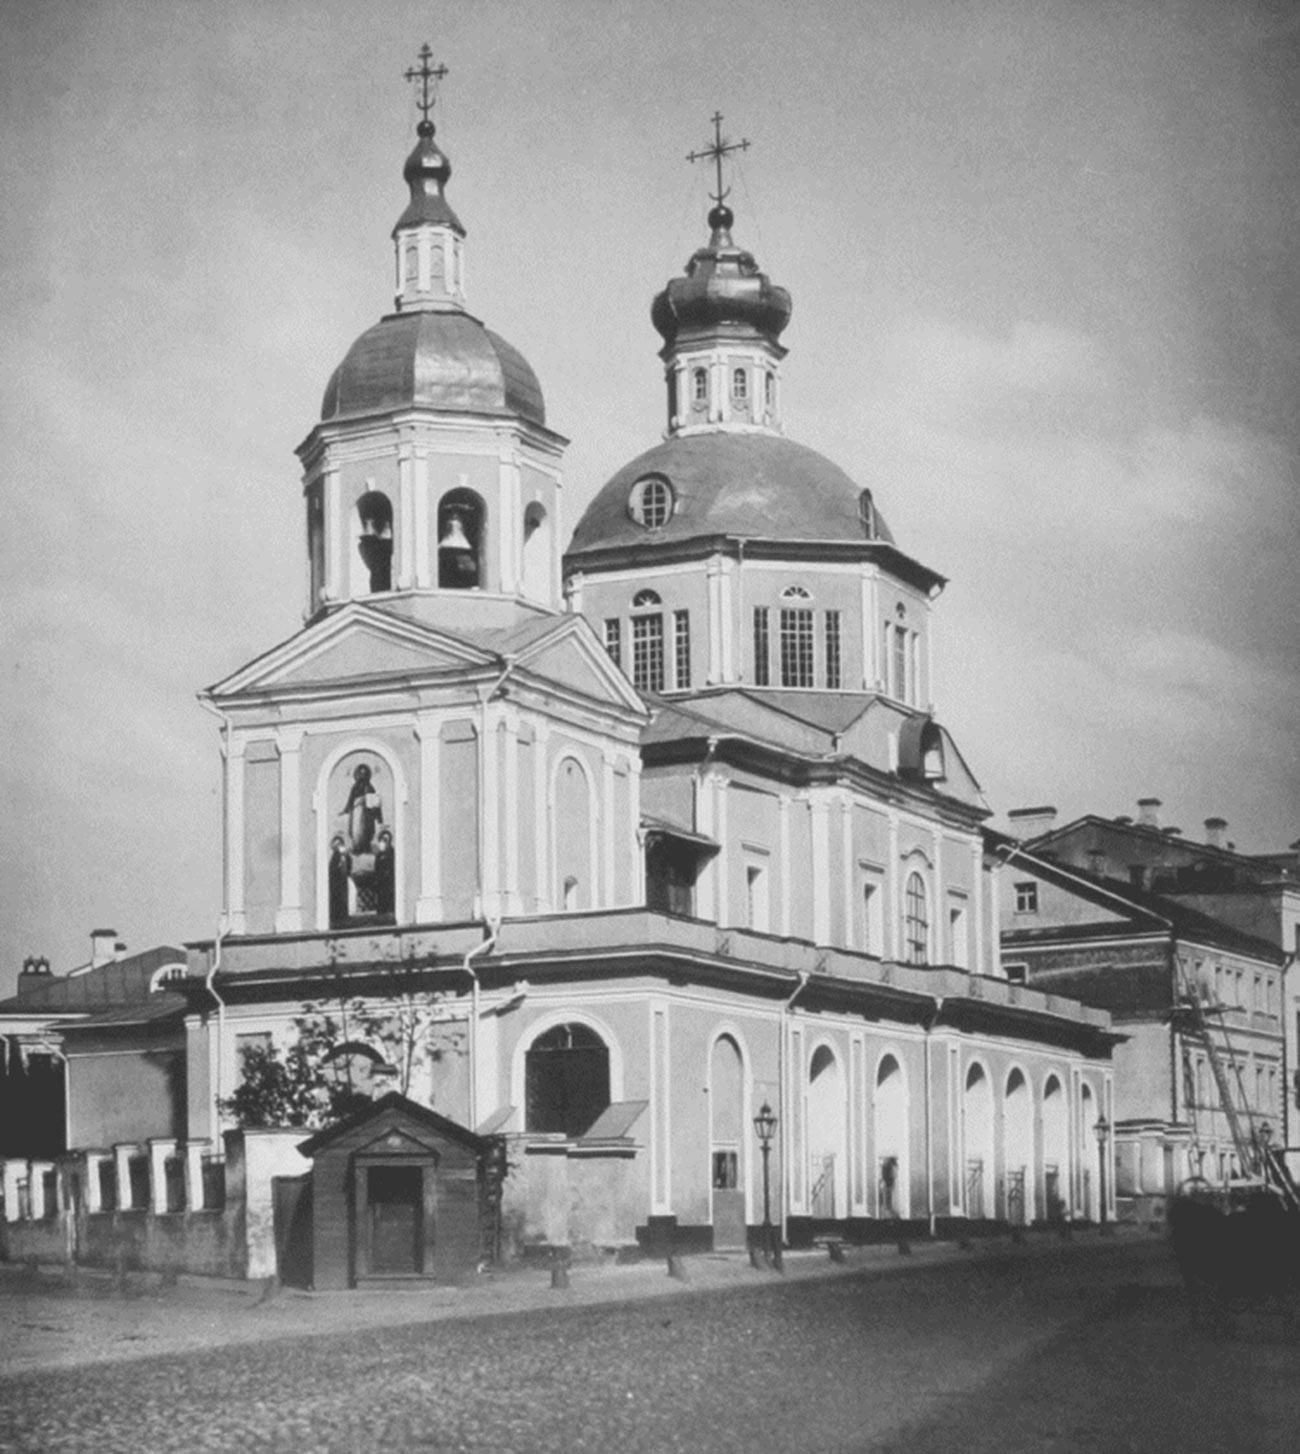 Igreja de São Êuplio, 1882. Foto extraída do livro de Nikolai Naidenov 'Moscou. Catedrais, monastérios e igrejas. 1882-1883'